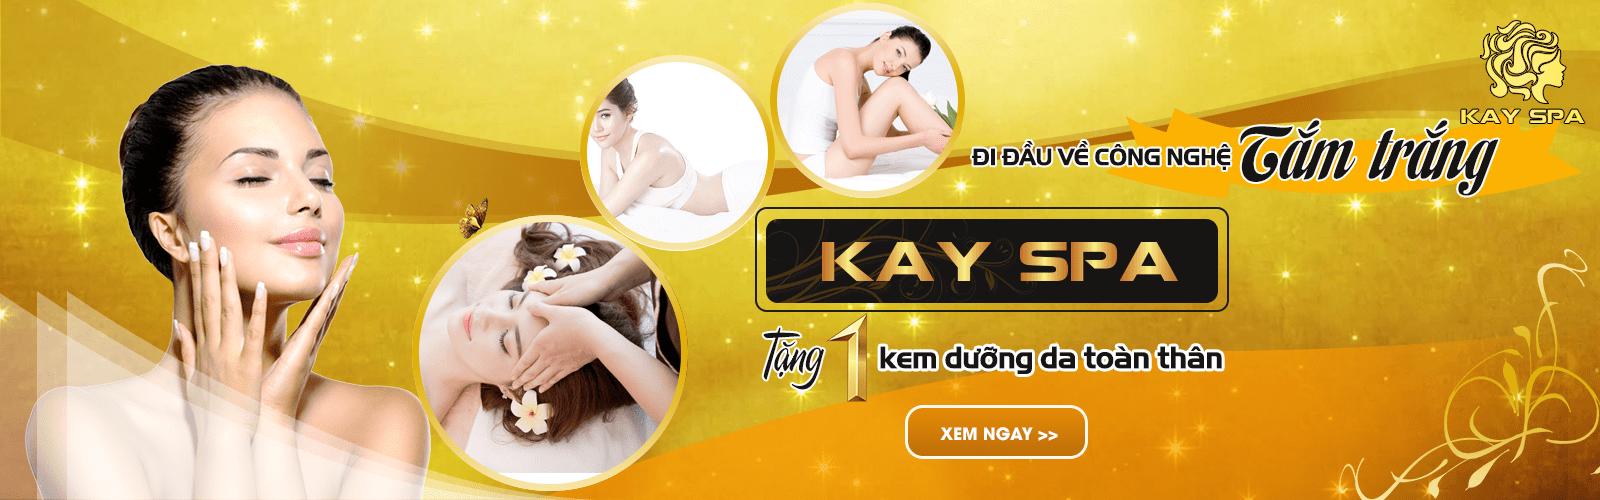 Thông tin cần thiết về dịch vụ tắm trắng Kay Spa